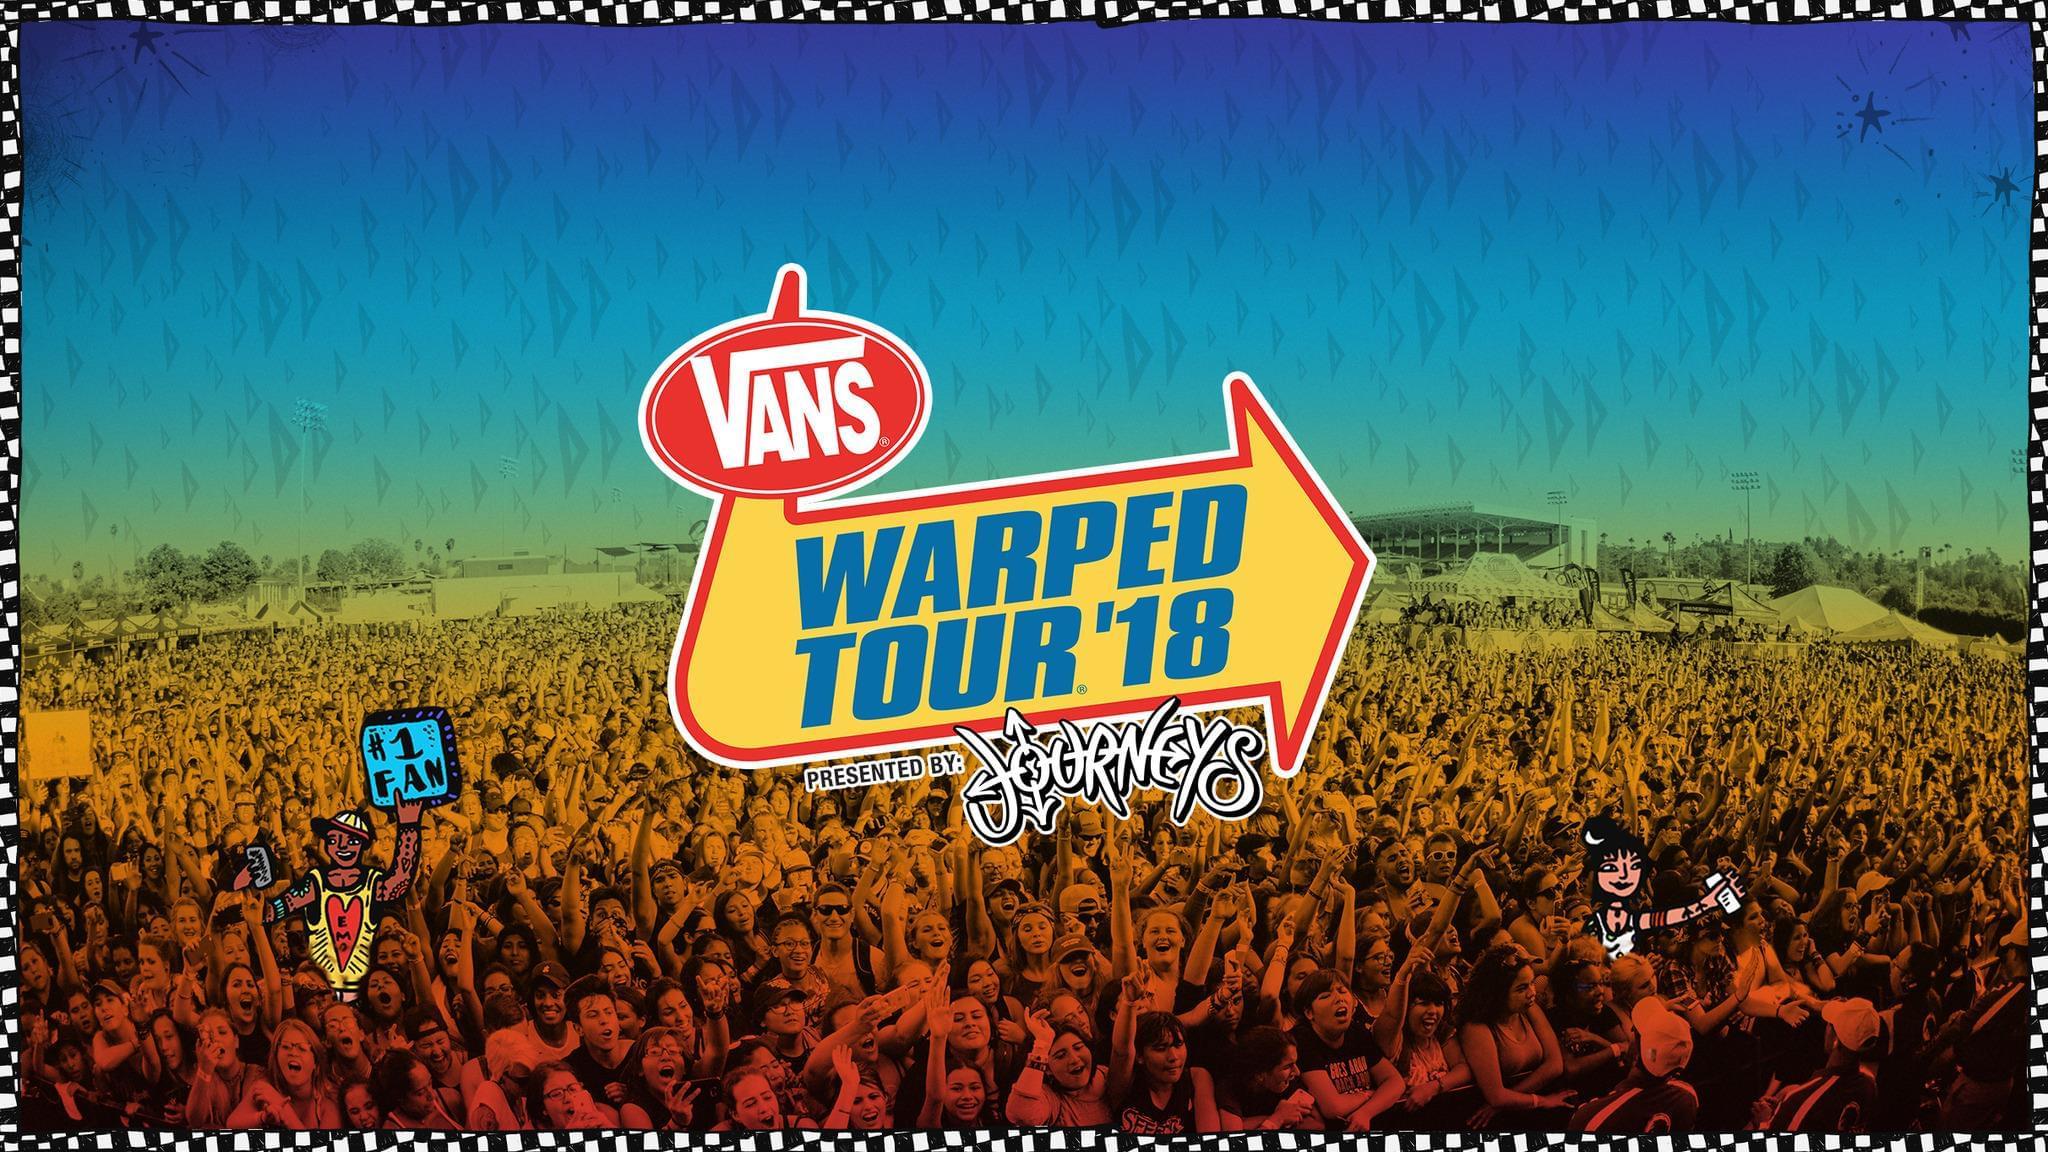 VAN'S WARPED TOUR